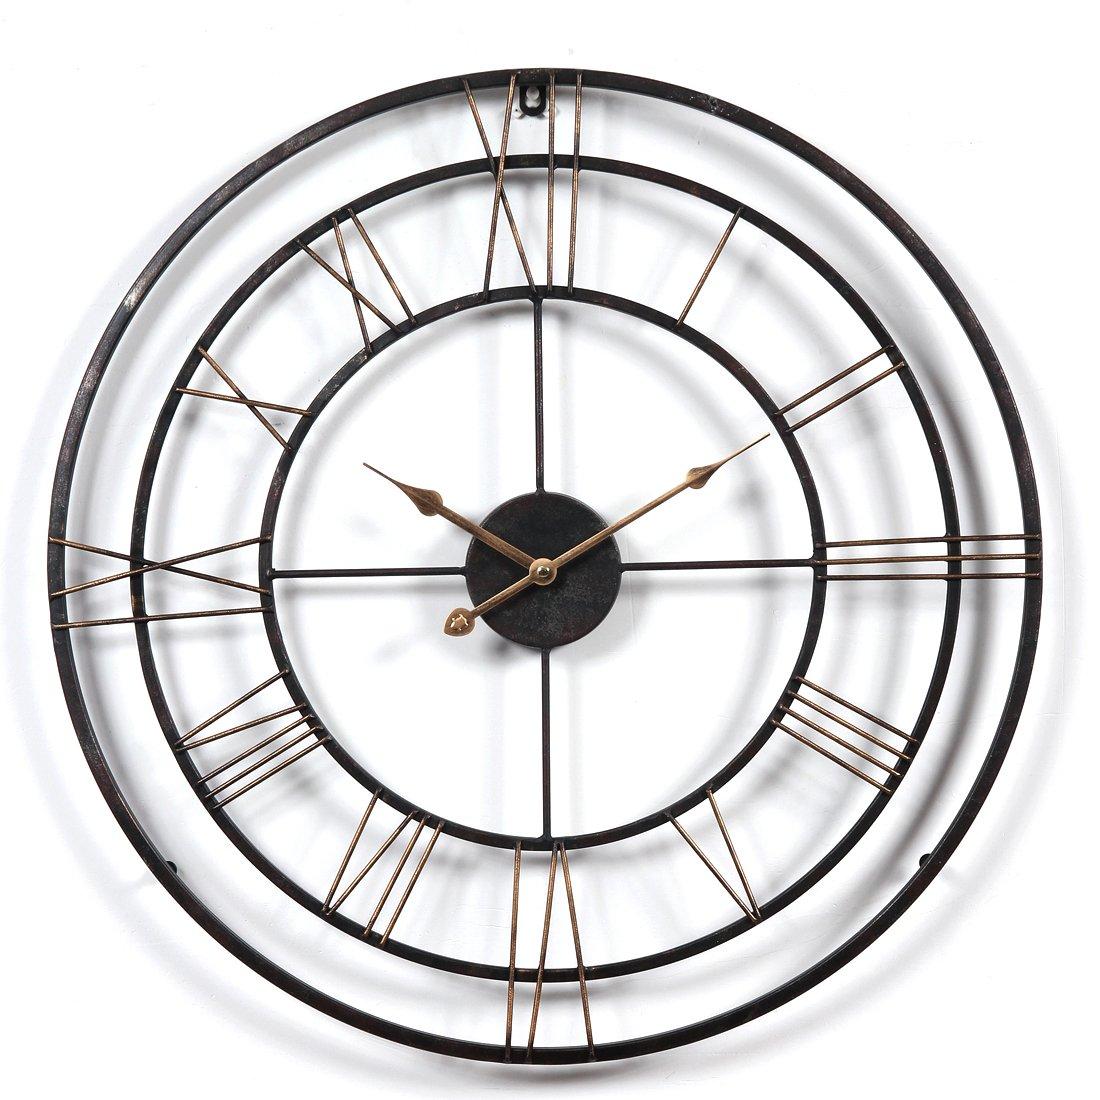 Orologio da parete grande XXL dei Los, CT della Tribù grosse XXL Metallo Ø60cm Orologio soggiorno orologio da parete Vintage Panoramica senza tickge raeusche CT-Tribe